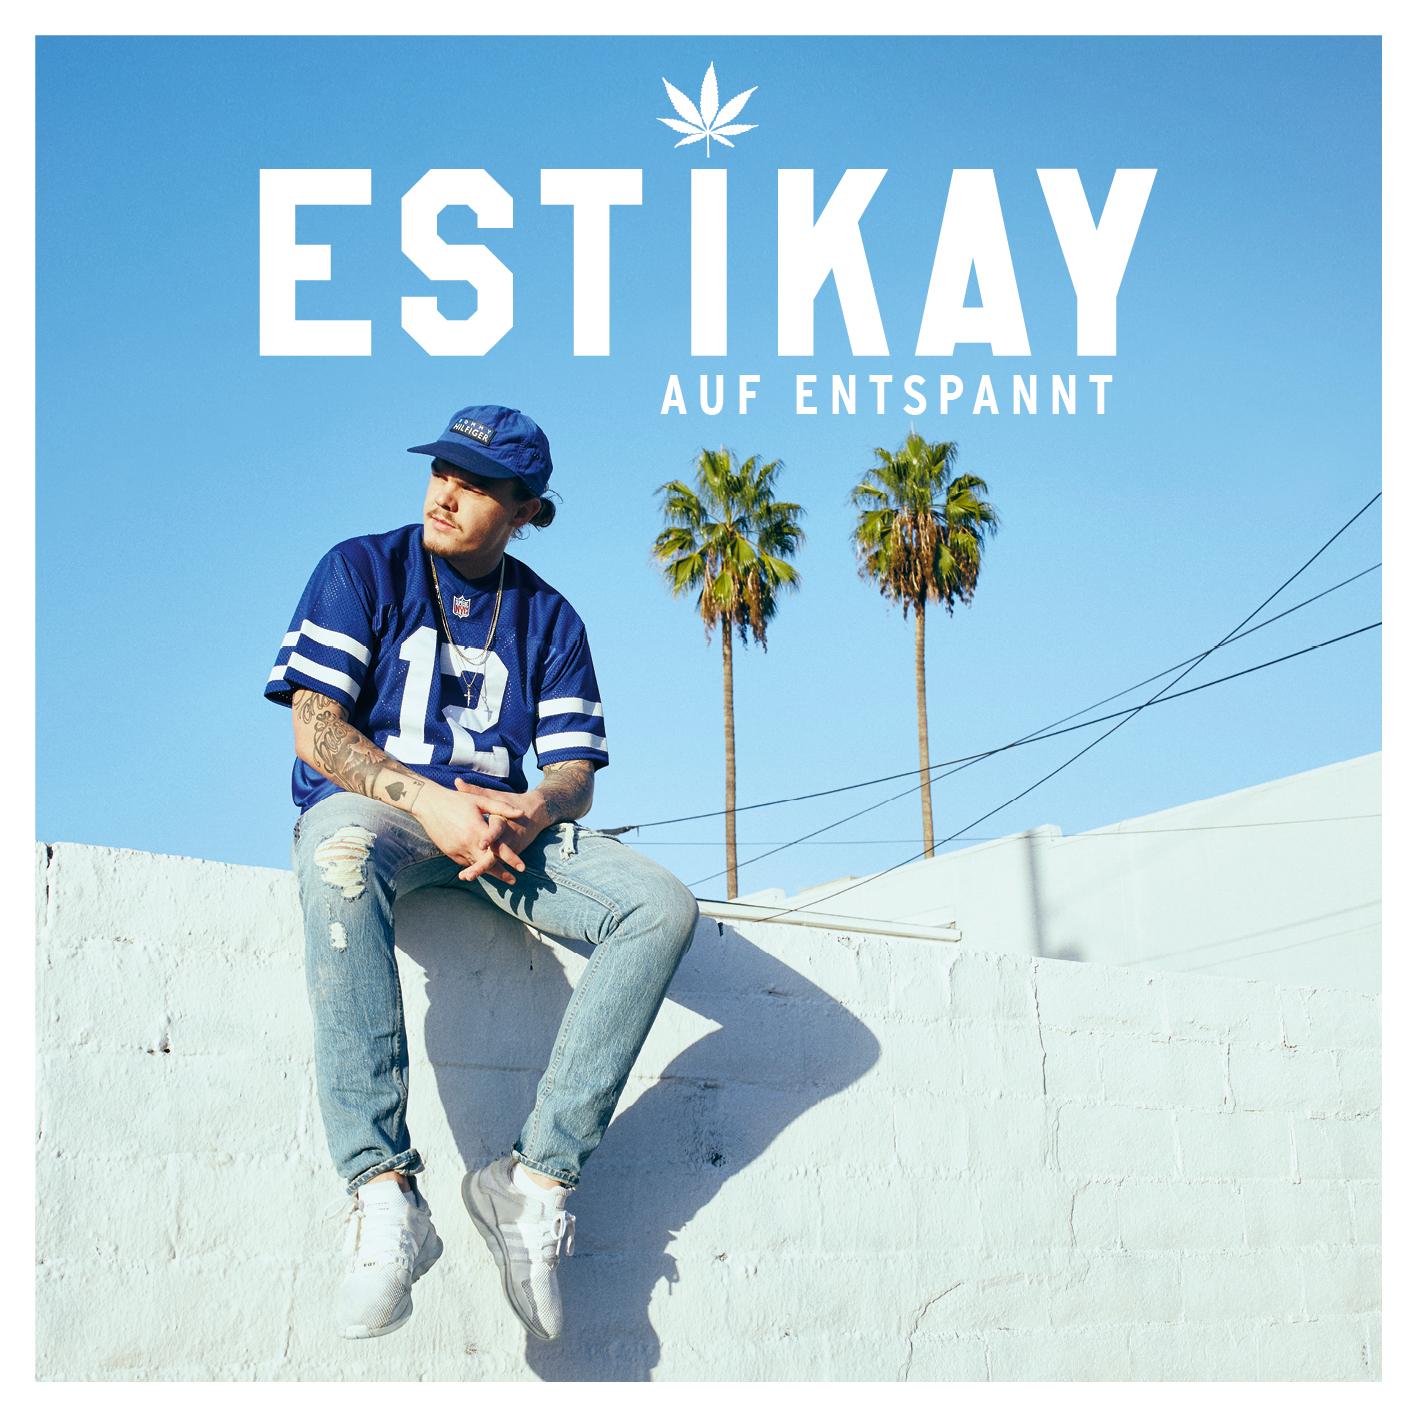 Estikay-auf-enstspannt